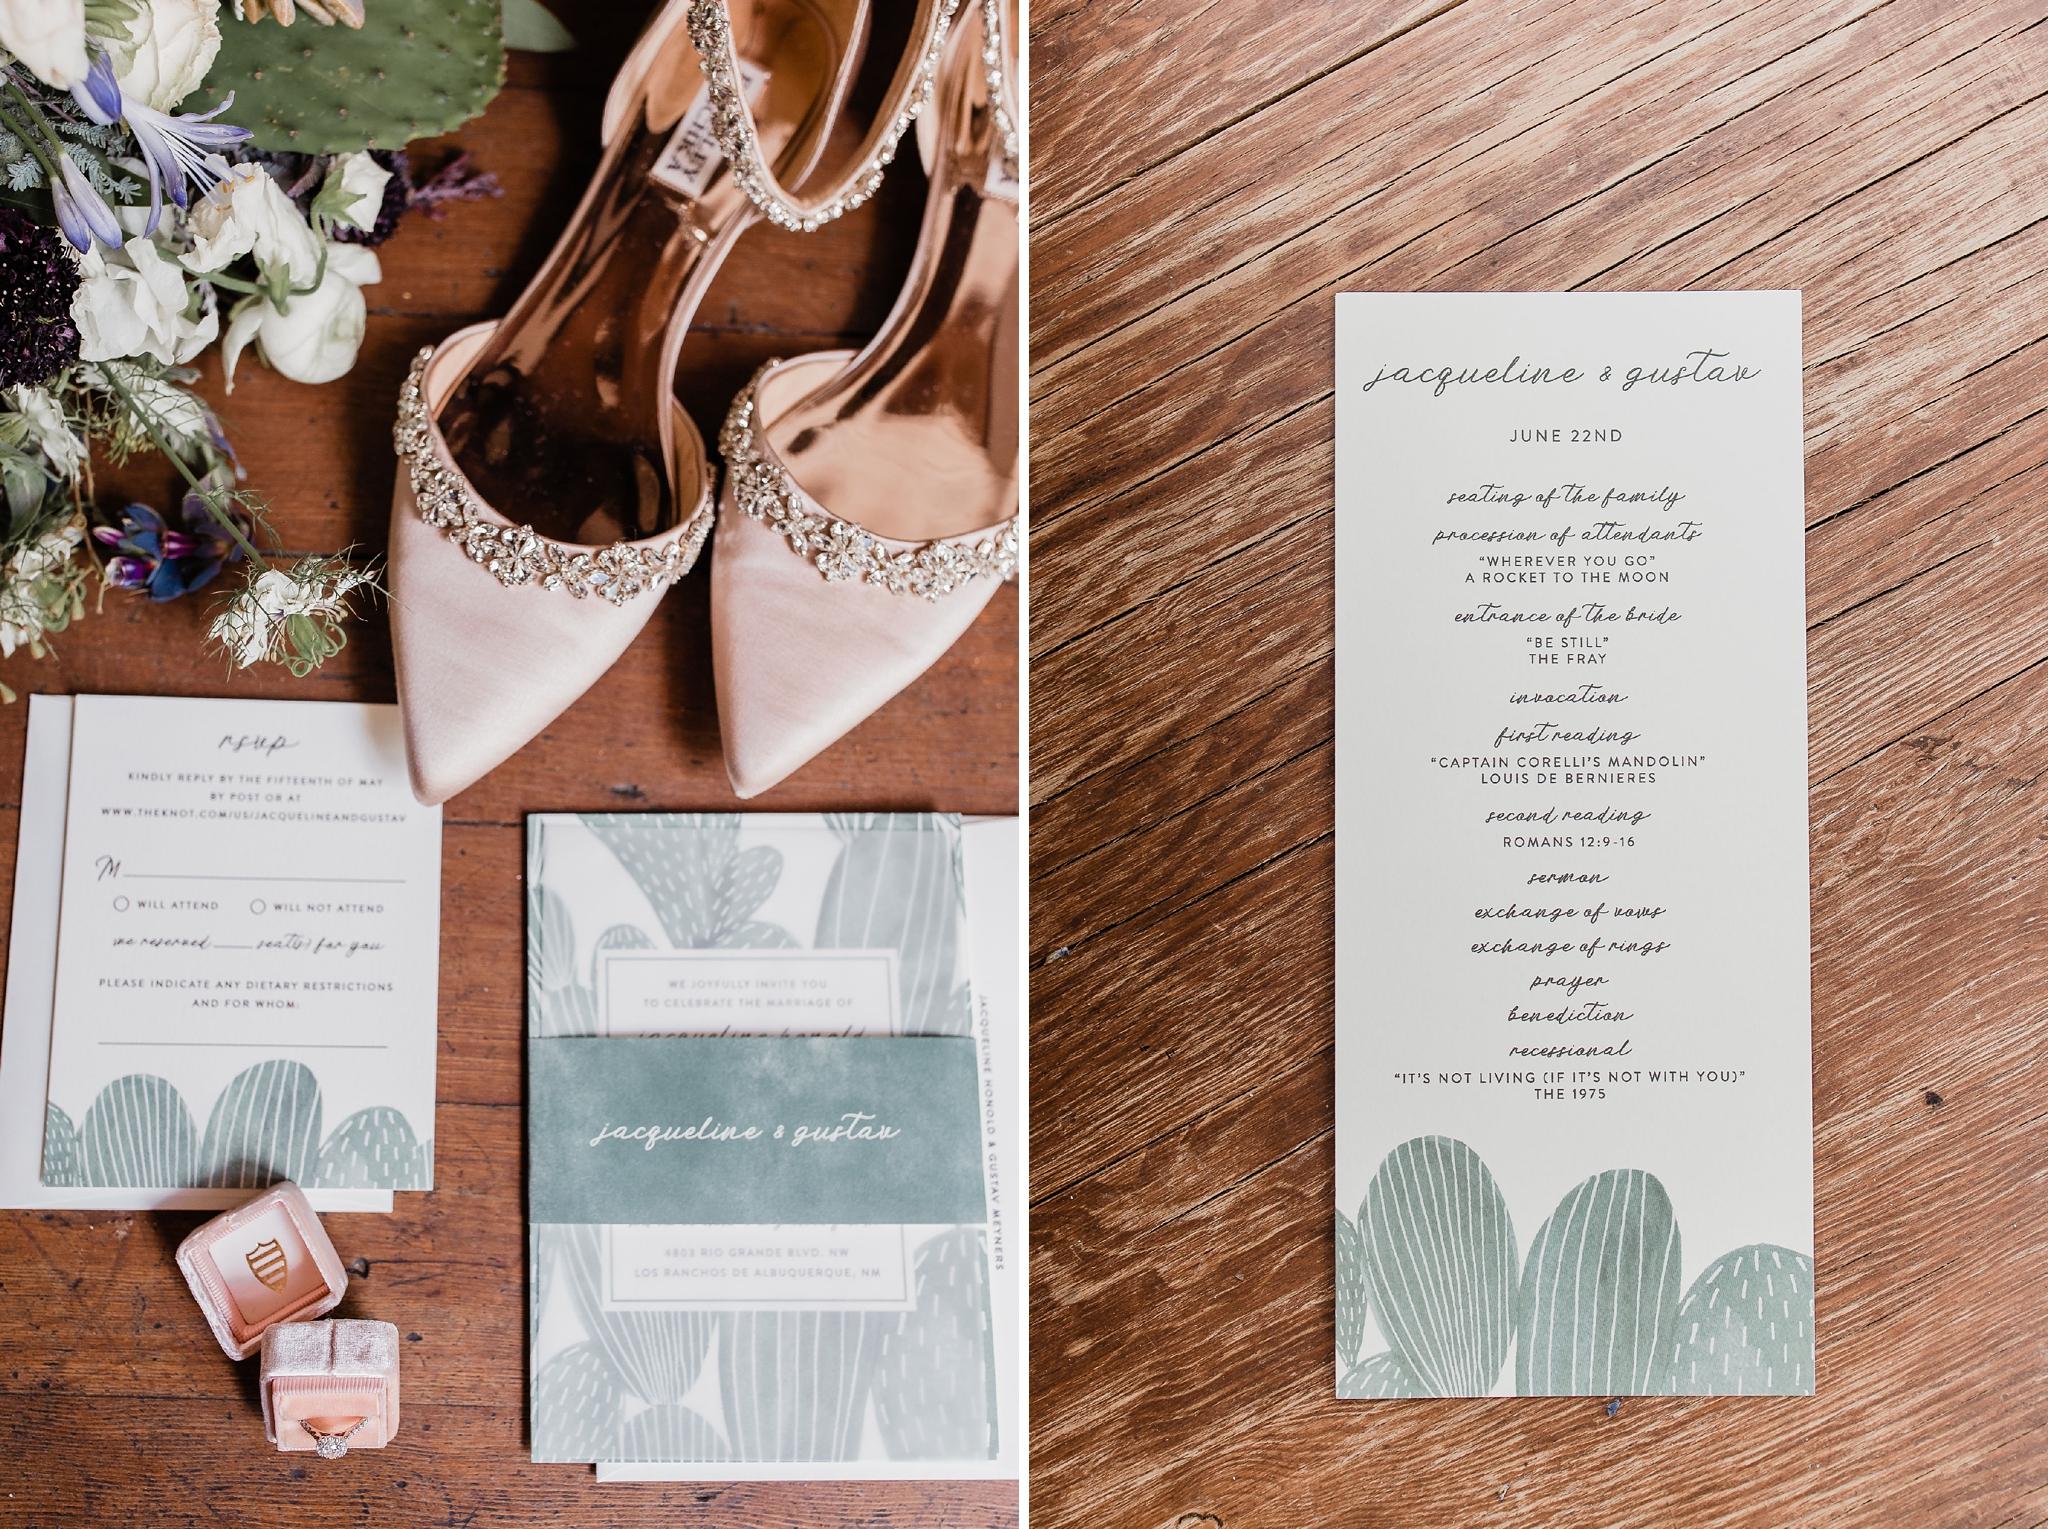 Alicia+lucia+photography+-+albuquerque+wedding+photographer+-+santa+fe+wedding+photography+-+new+mexico+wedding+photographer+-+new+mexico+wedding+-+new+mexico+wedding+-+wedding+florals+-+desert+wedding+-+wedding+trends_0008.jpg